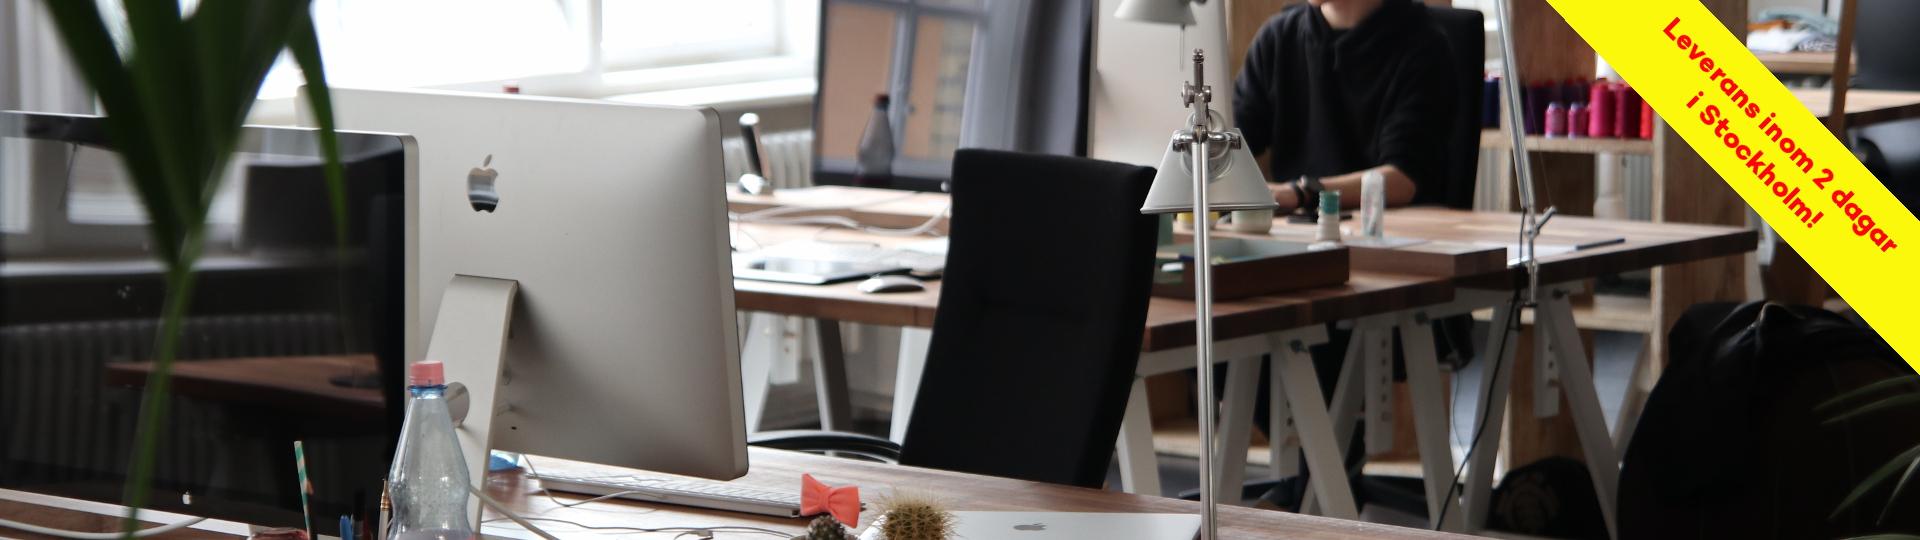 Kaffe, Läsk och Vatten till företag – At Work